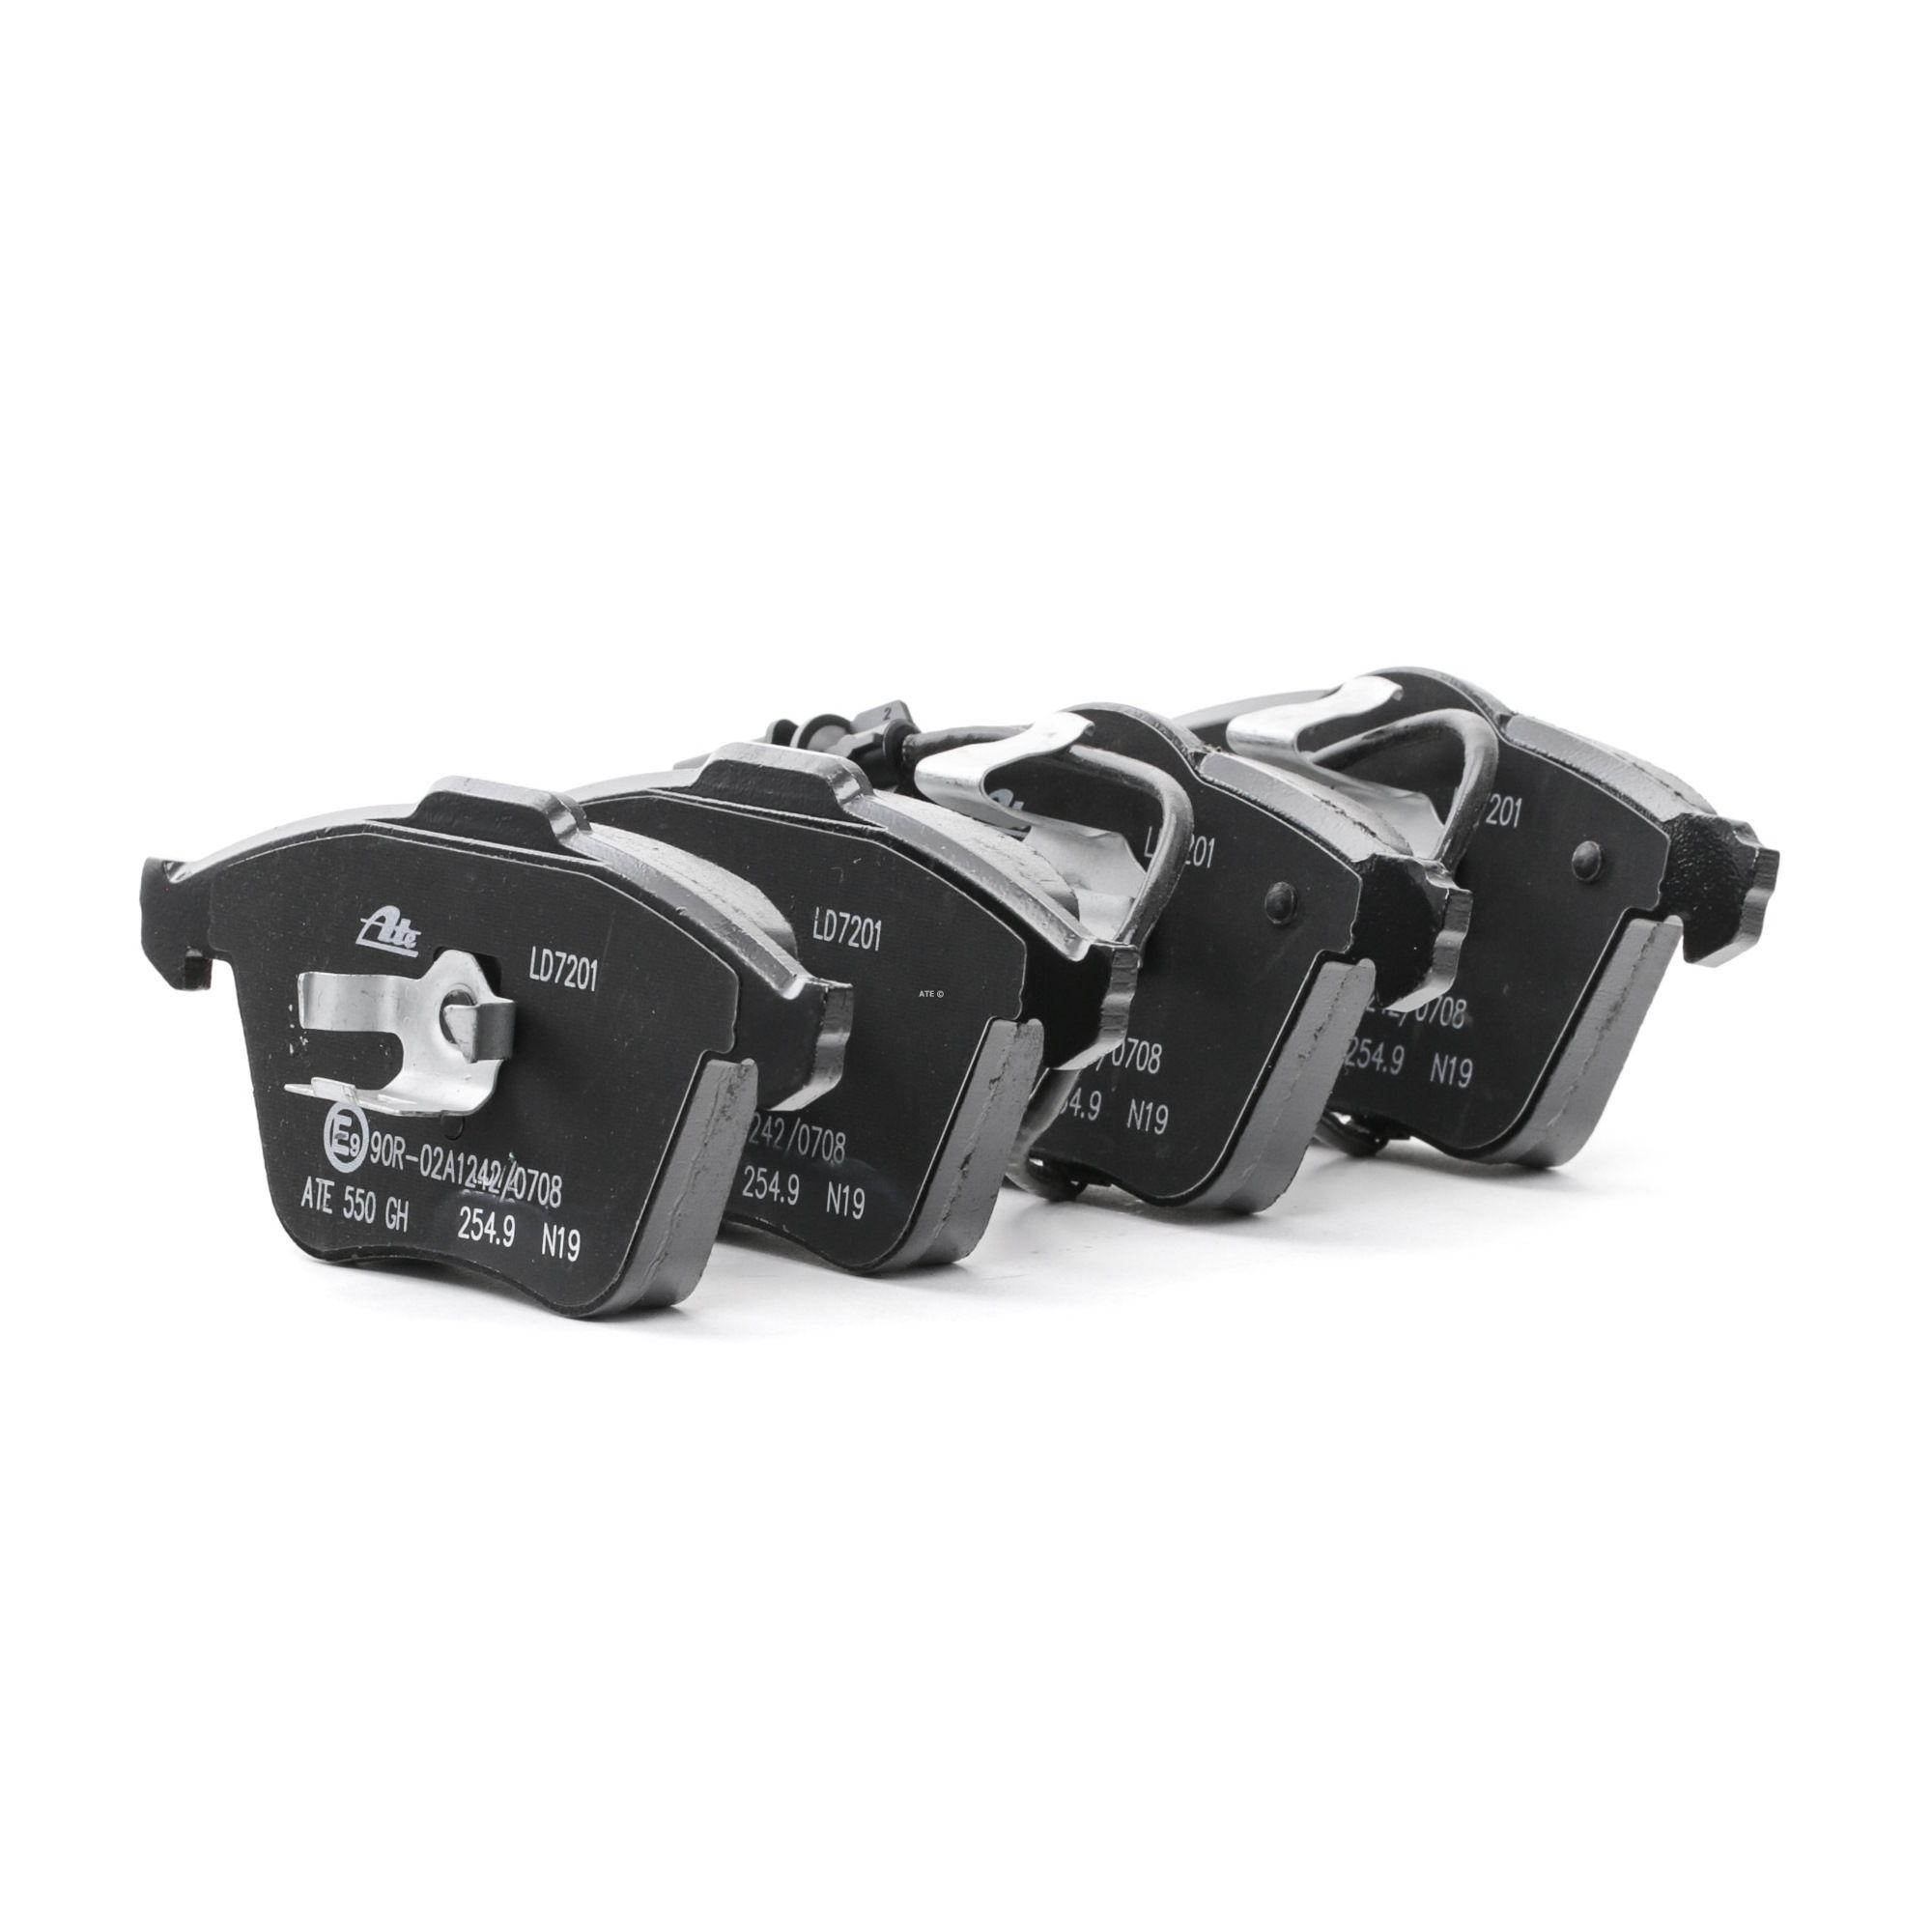 AUDI A6 2015 Bremsklötze - Original ATE 13.0470-7201.2 Höhe 1: 155,1mm, Höhe 2: 156,3mm, Breite 1: 72,9mm, Breite 2: 72,9mm, Dicke/Stärke: 20,3mm